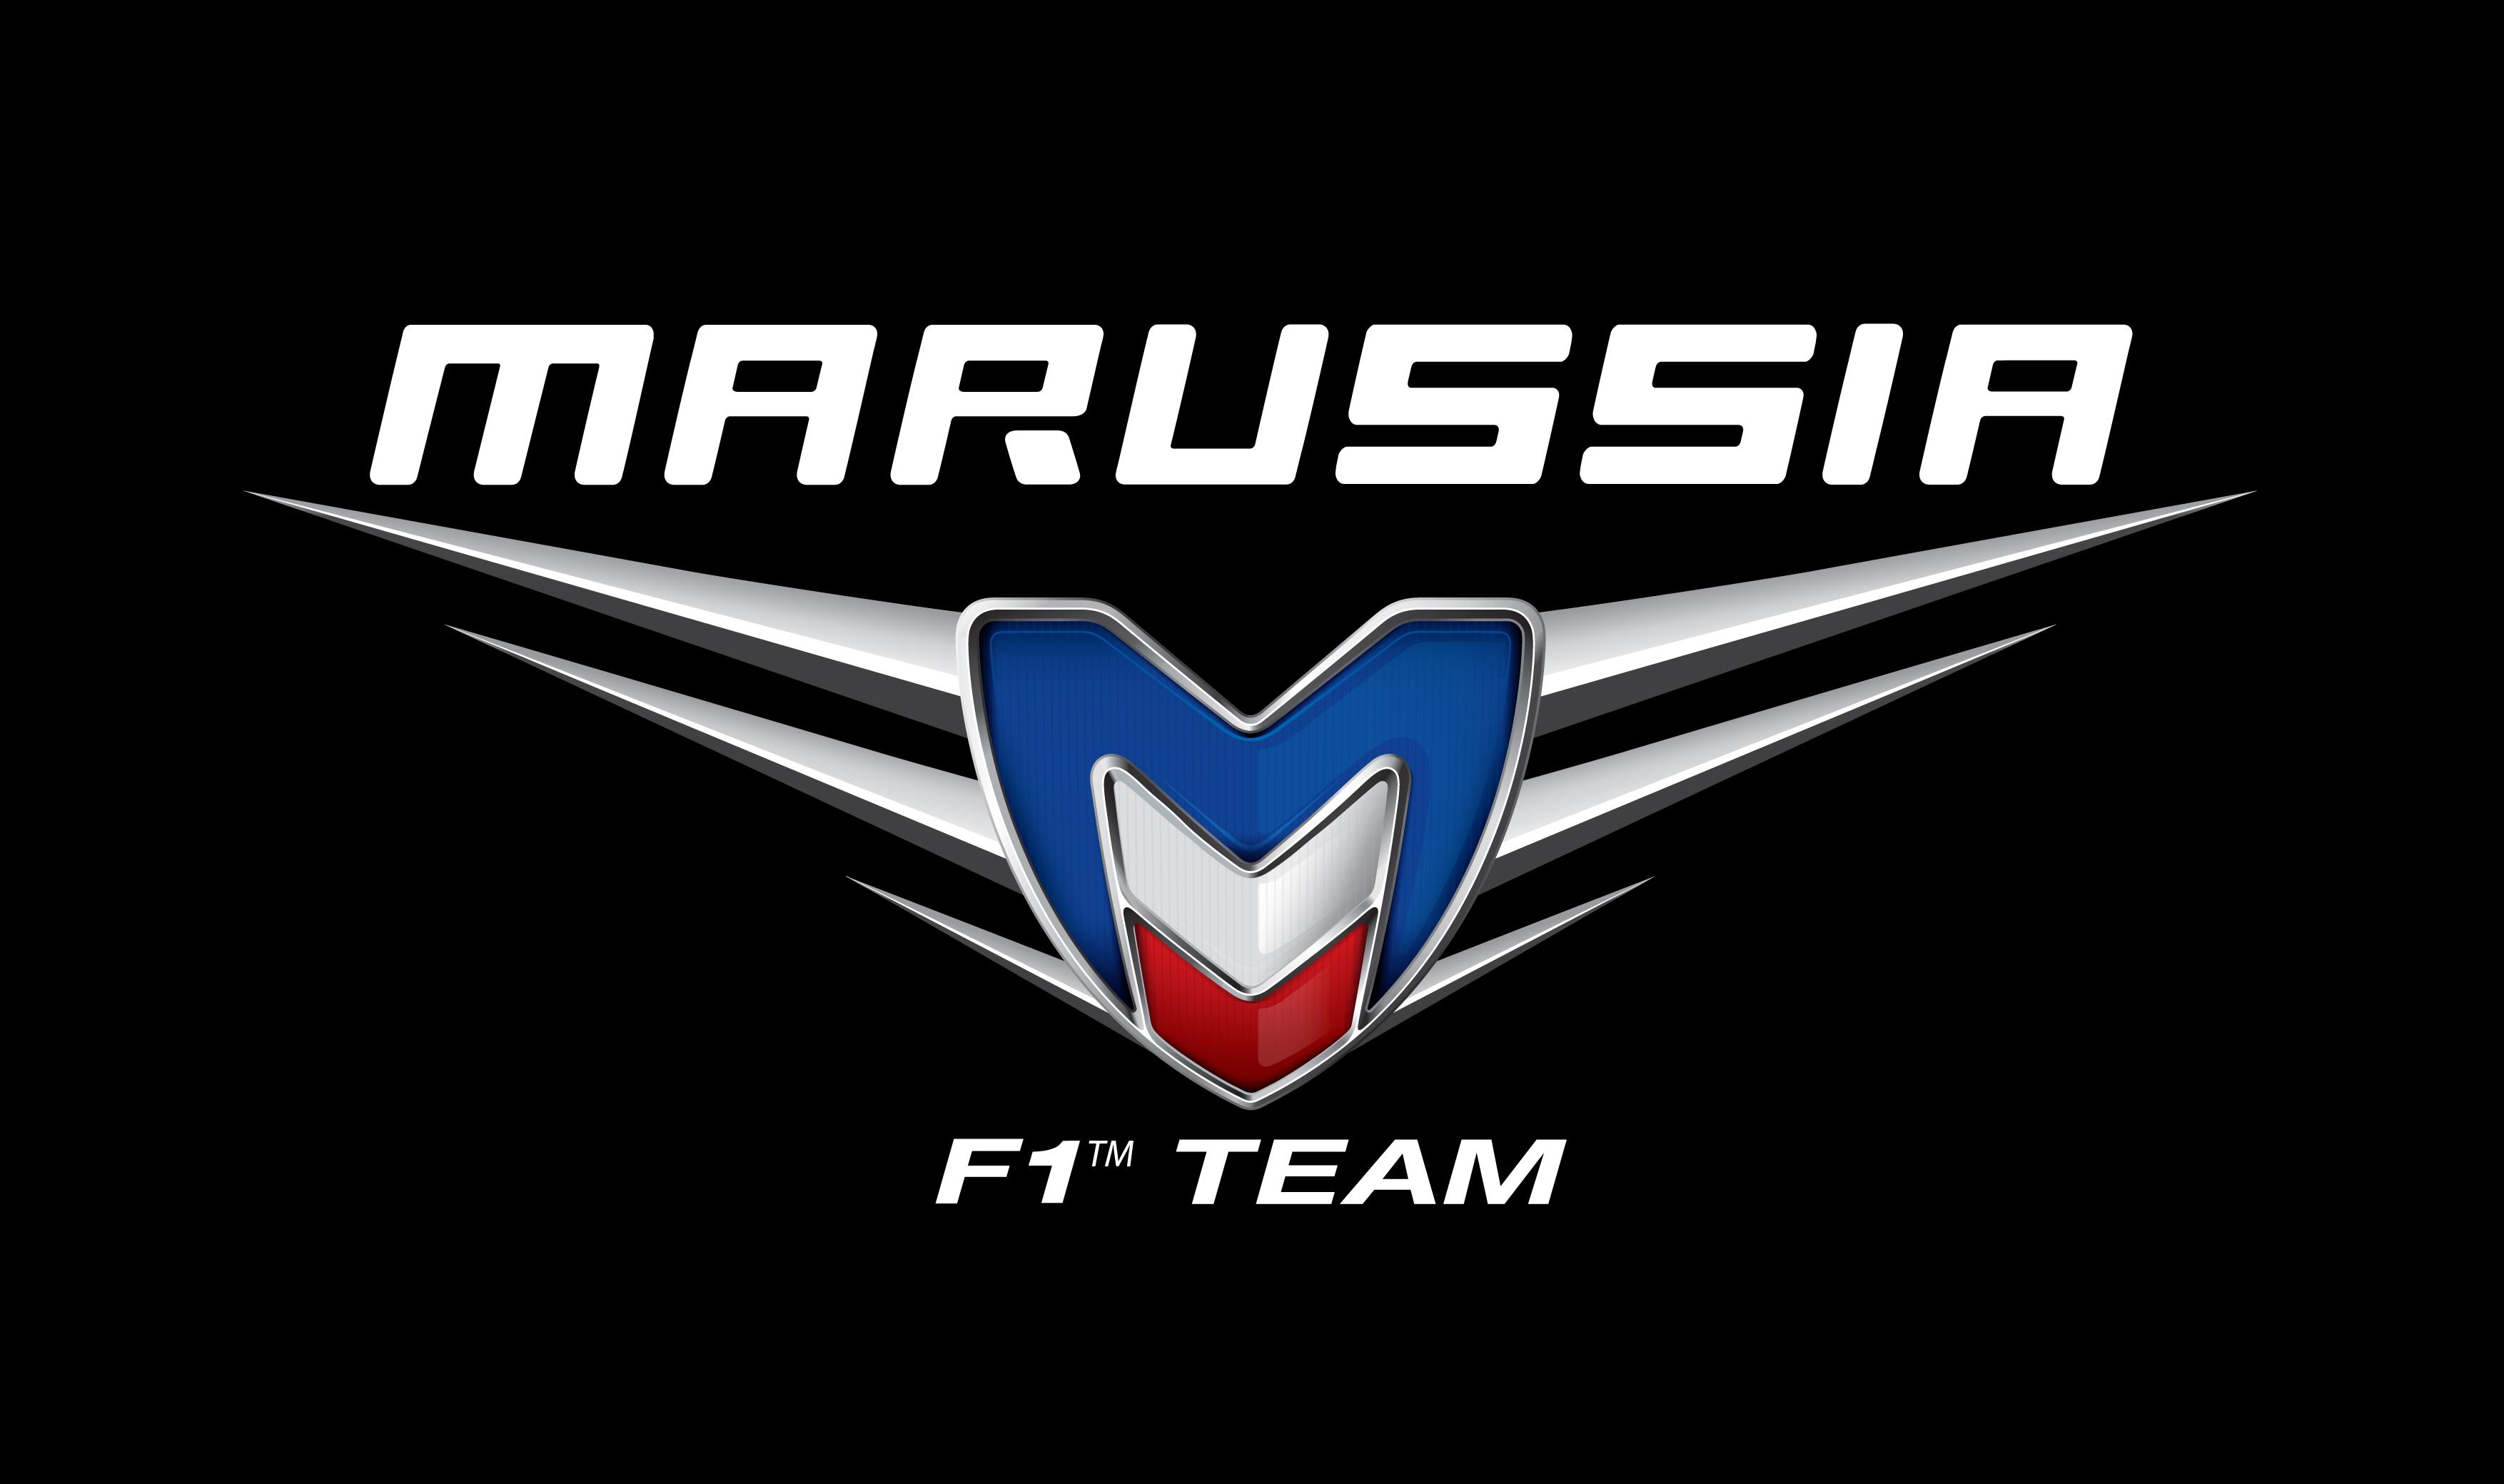 Marussia-logo - ROBLOX